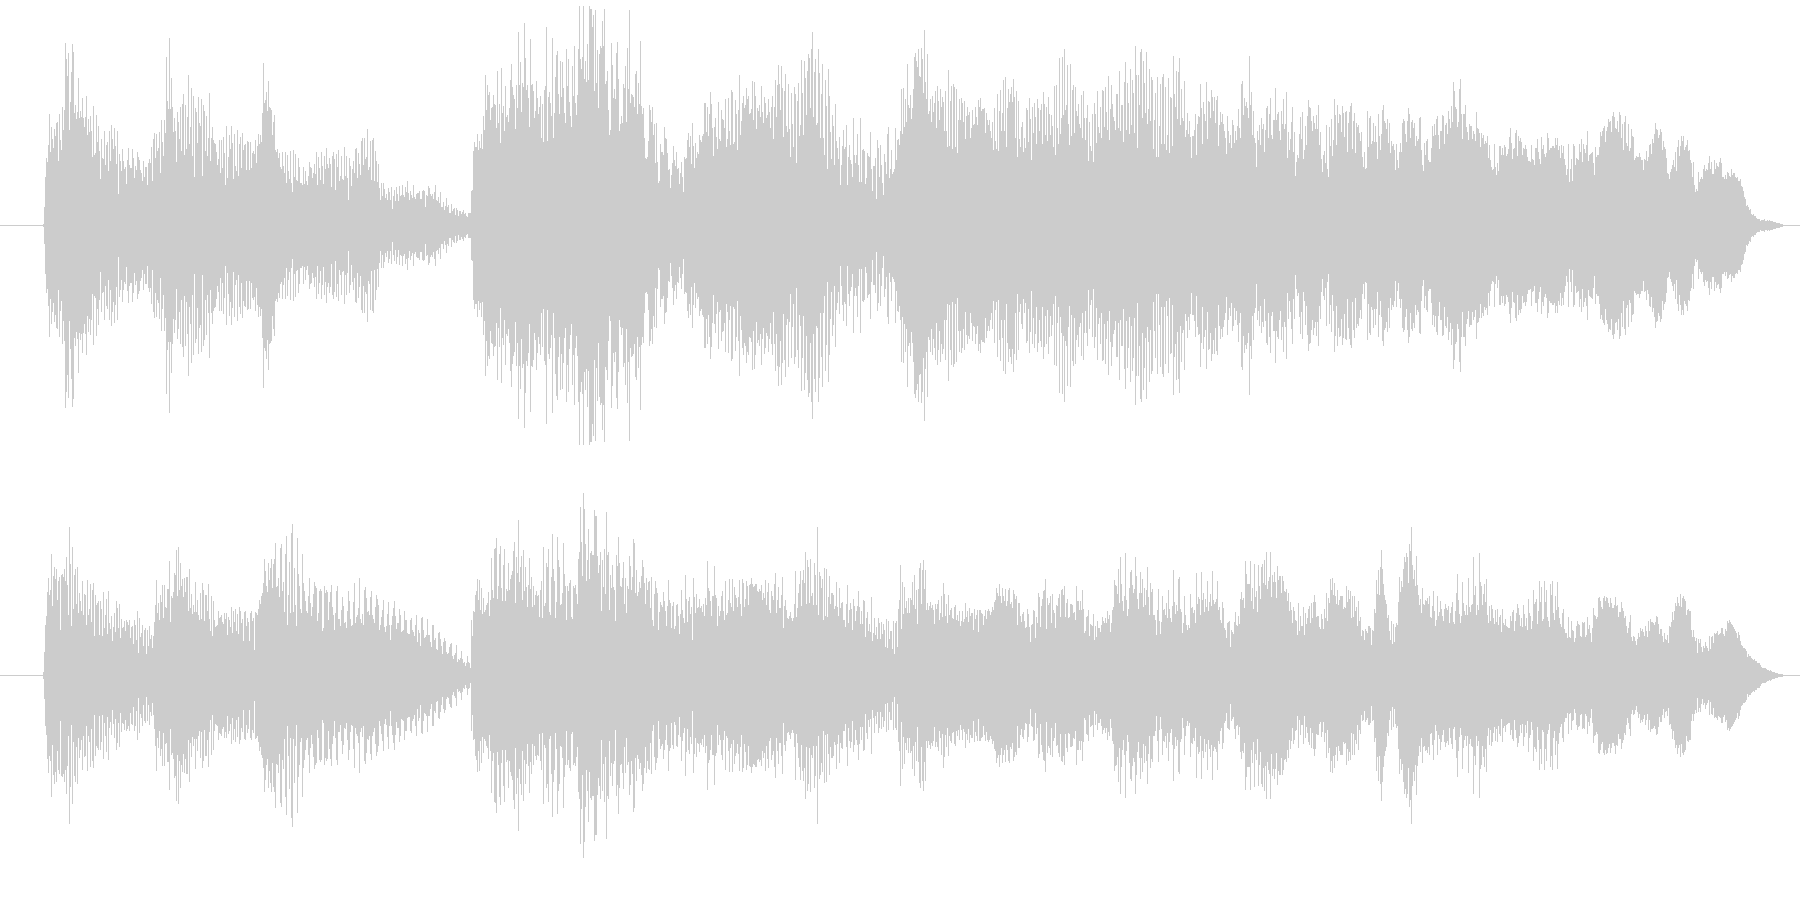 クラシカルな音源の未再生の波形